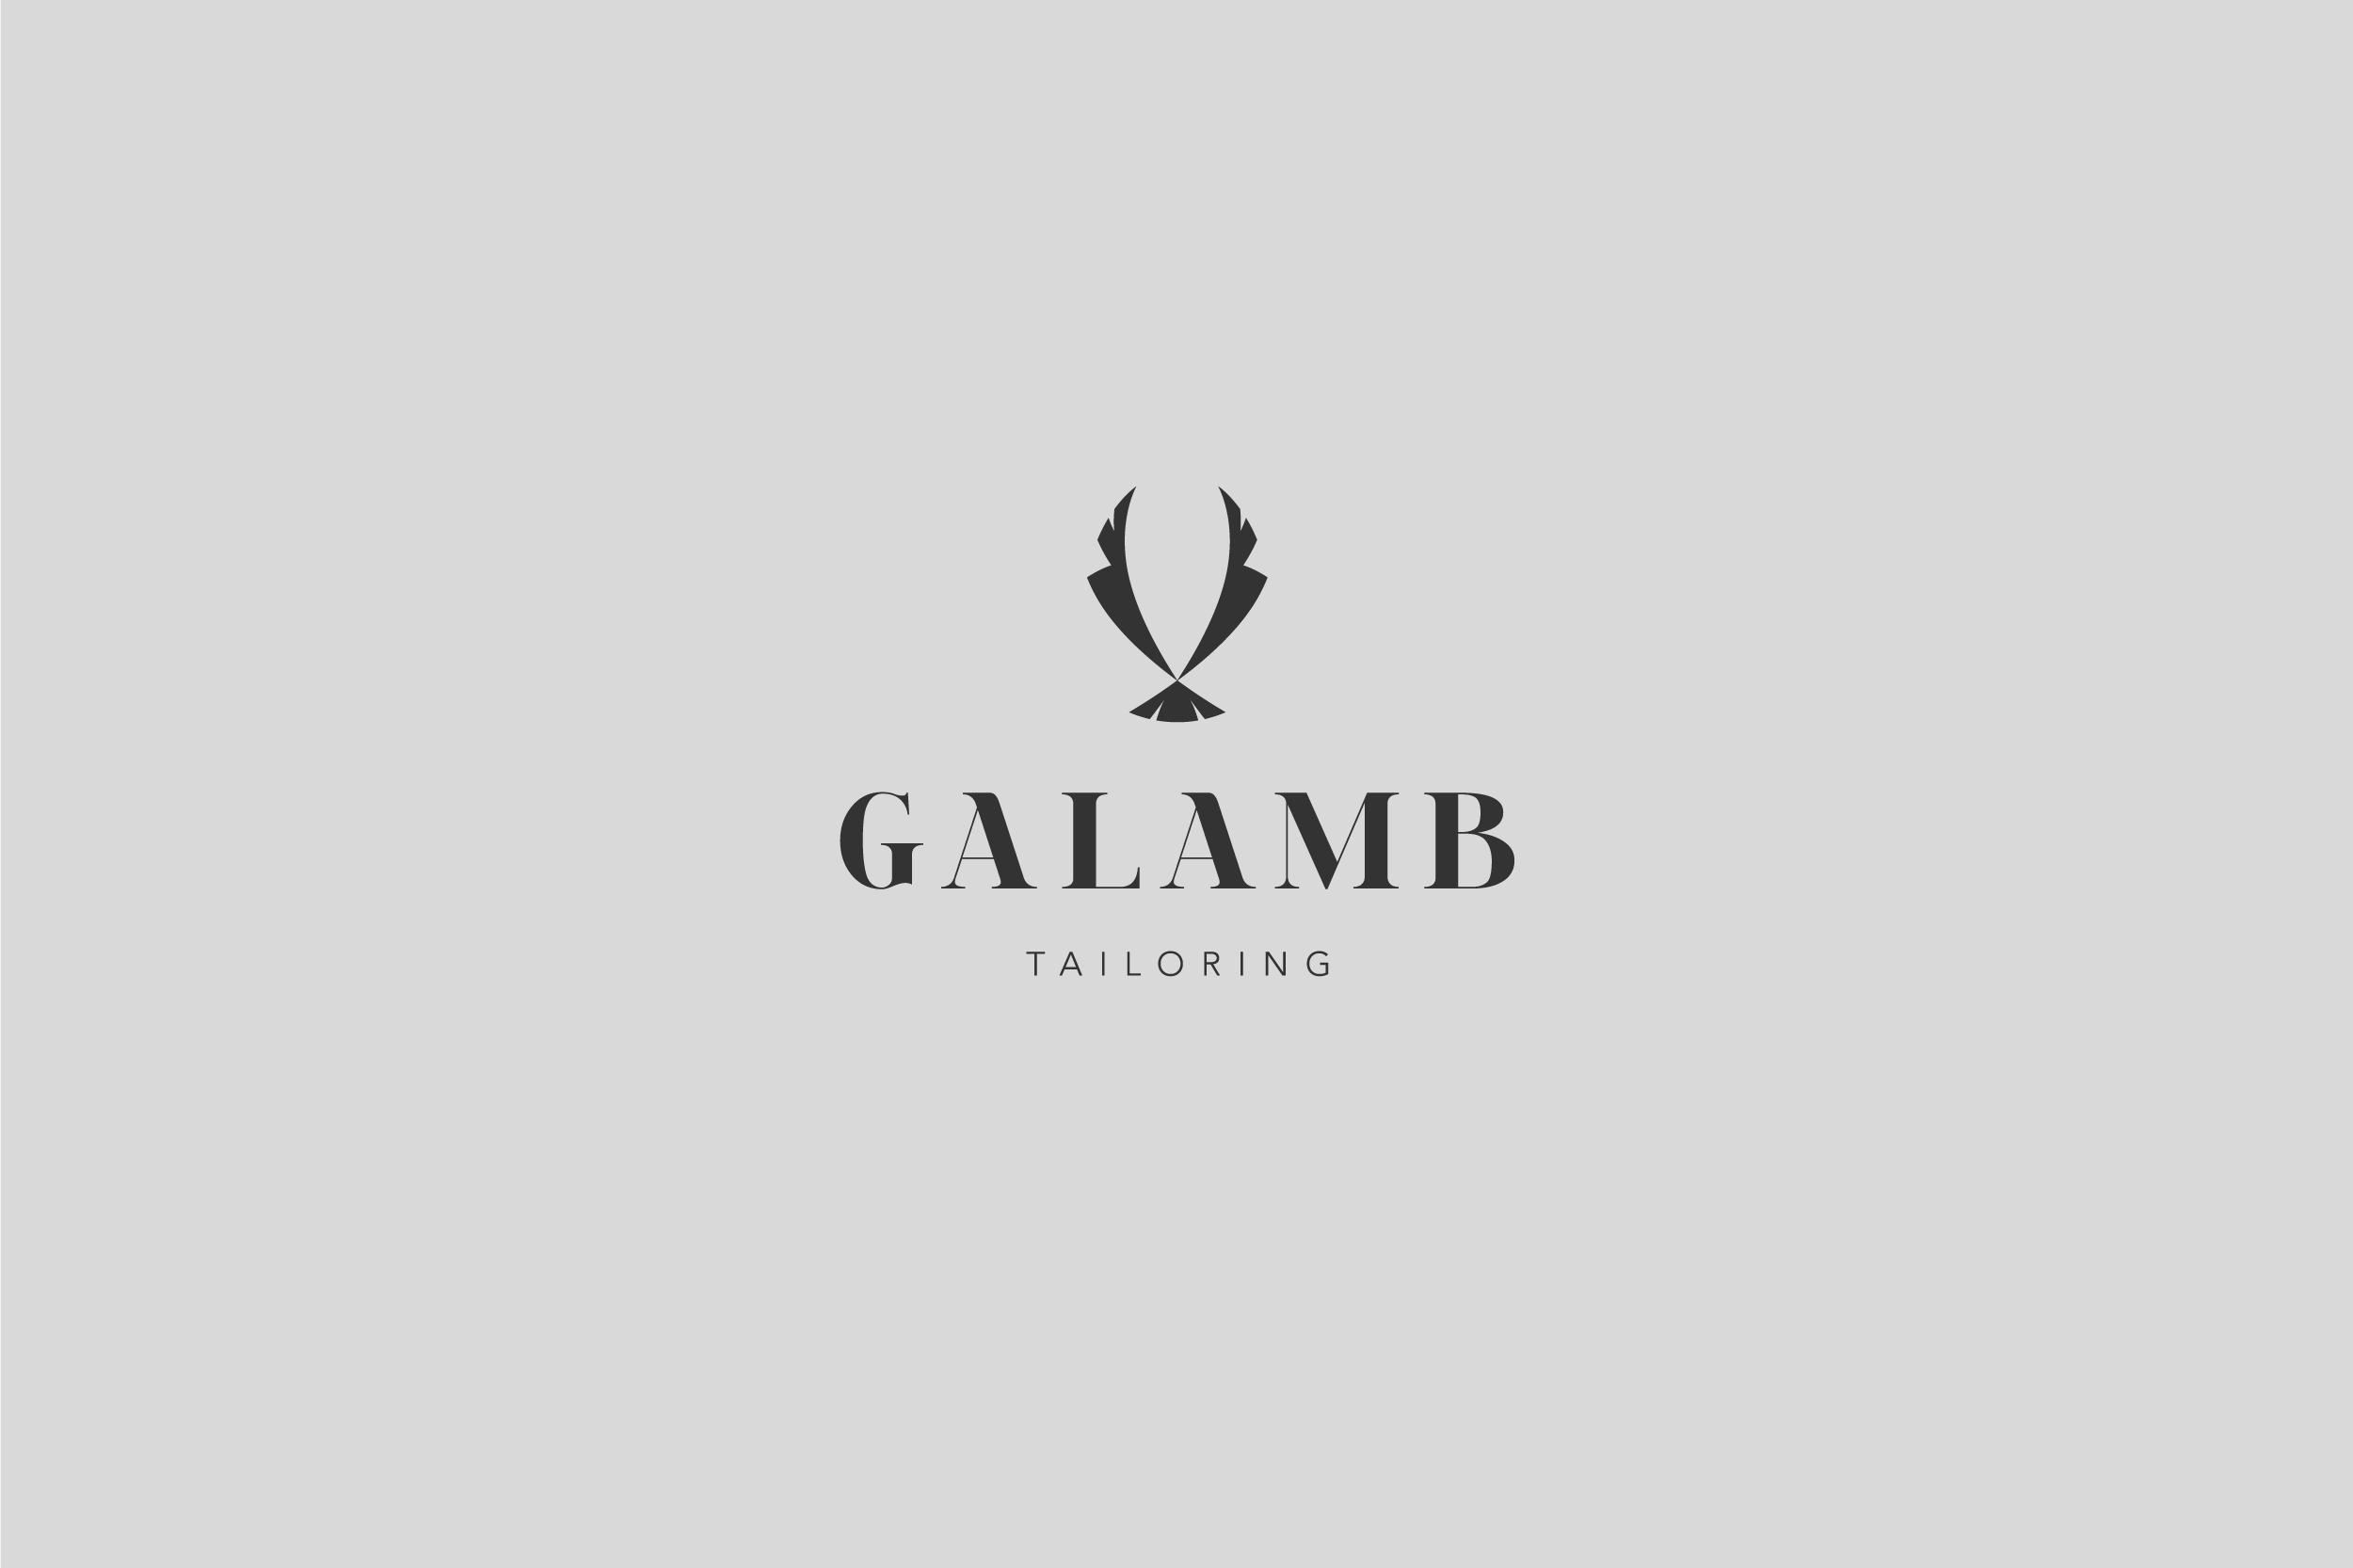 galamb_behance_logo